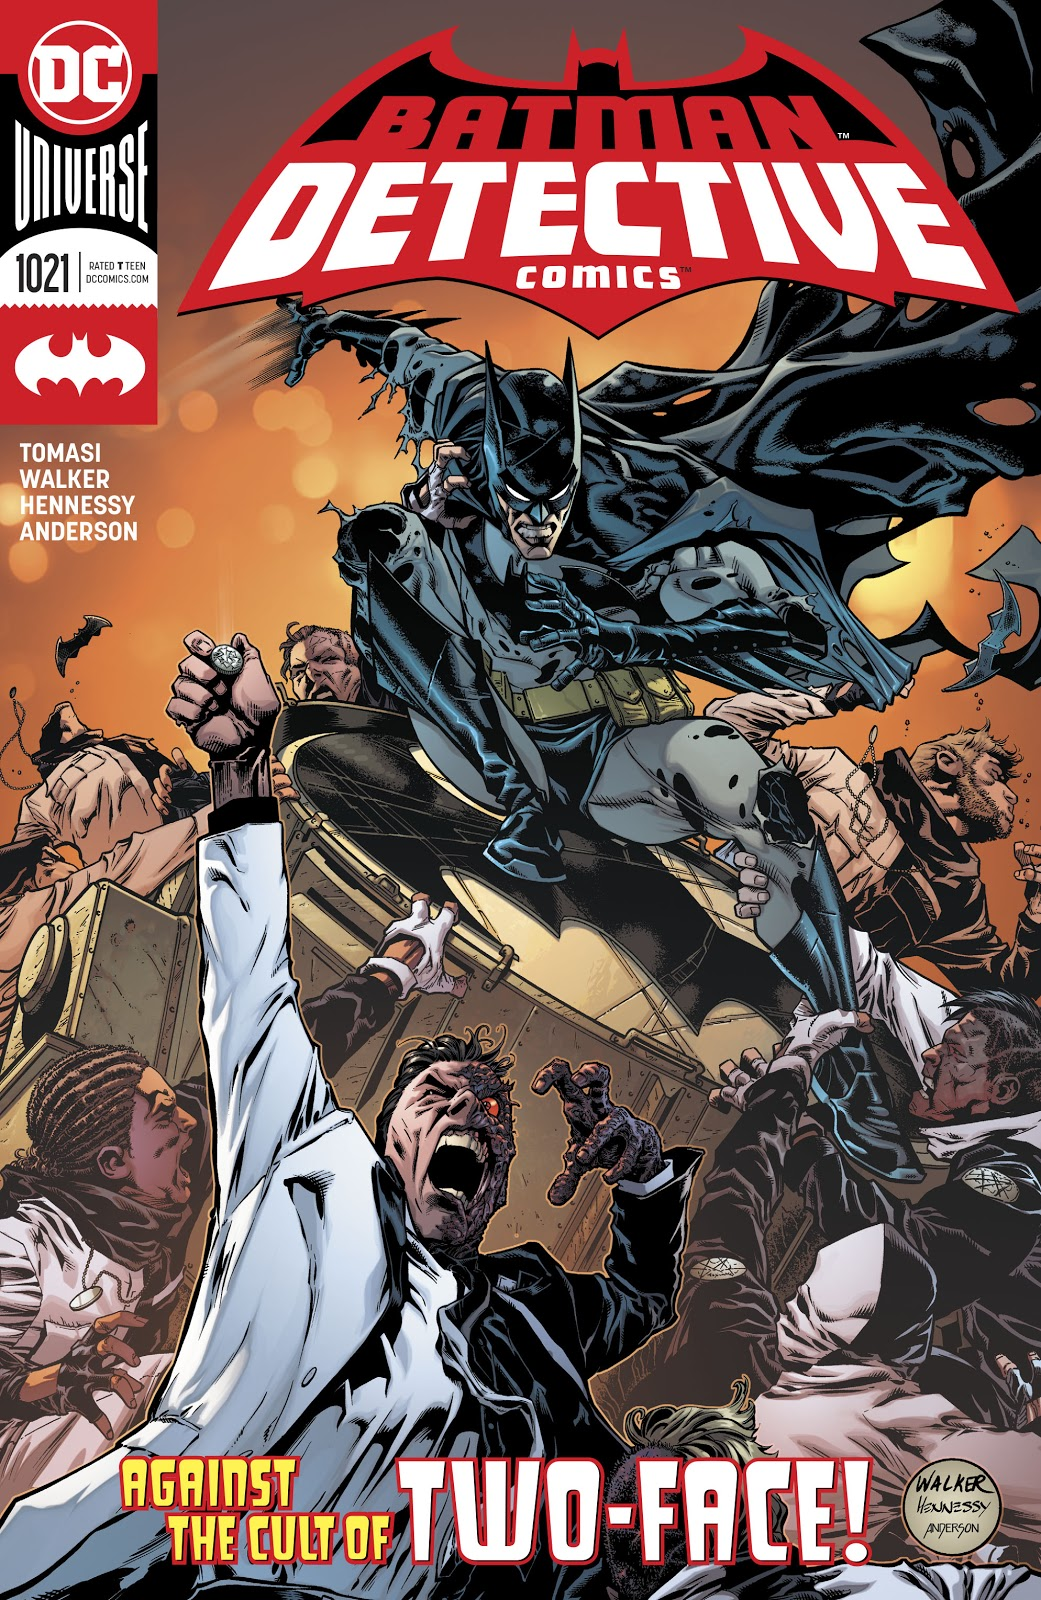 Detective Comics Vol 1 1021